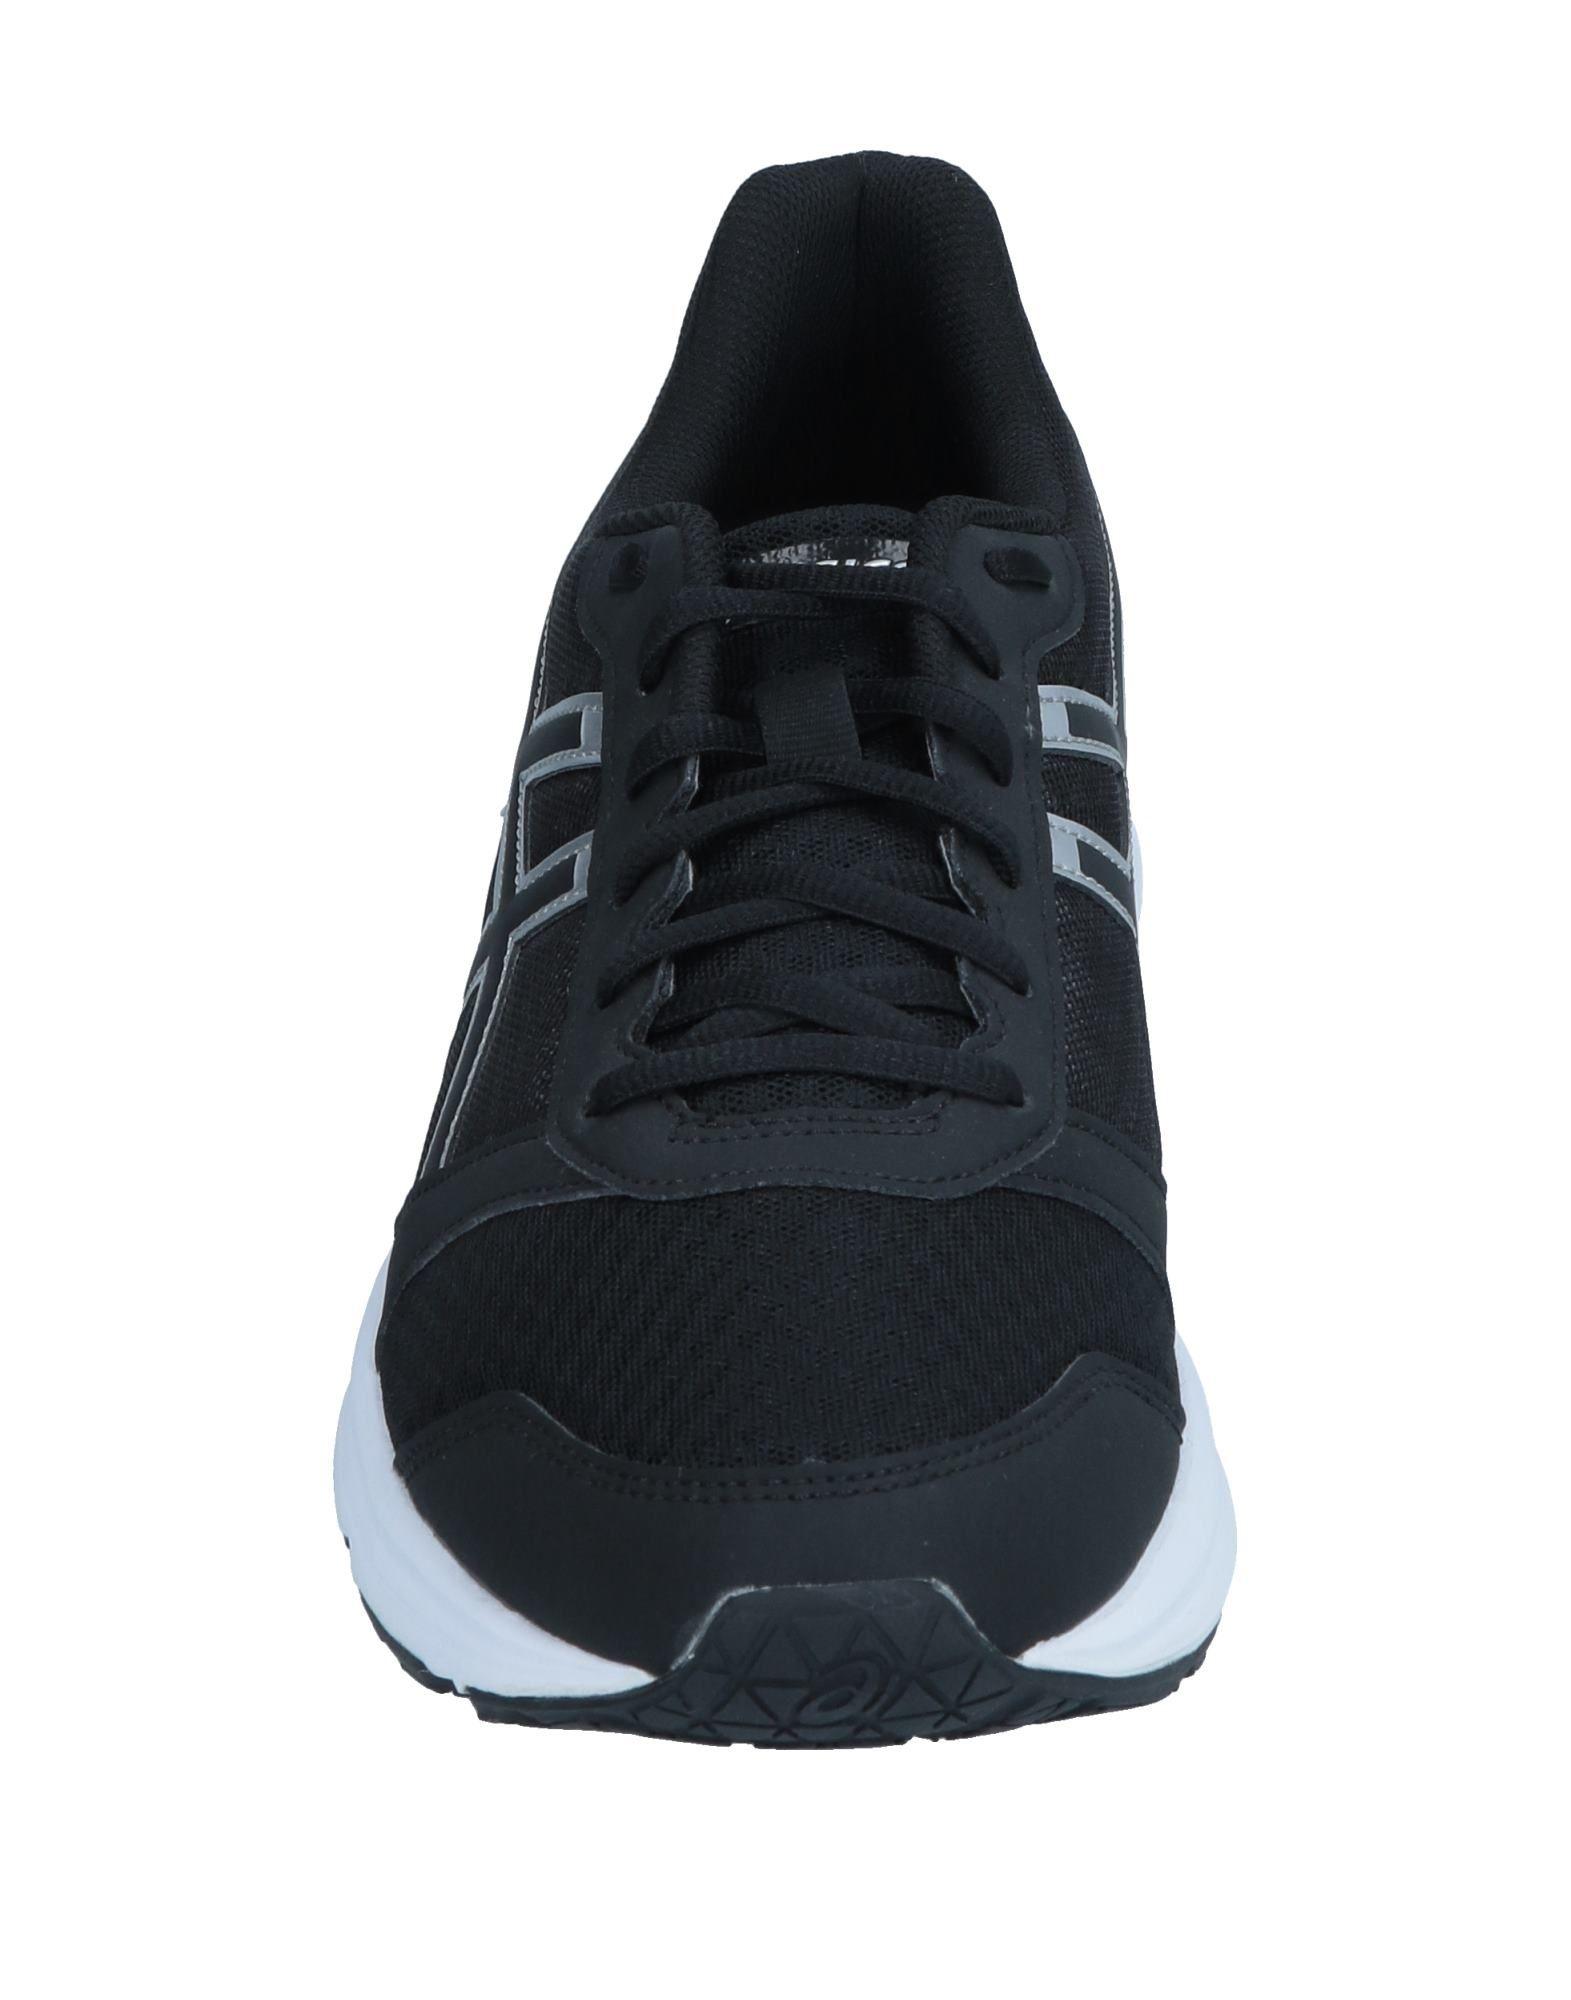 Rabatt echte Schuhe Asics Sneakers Herren  11545478QN